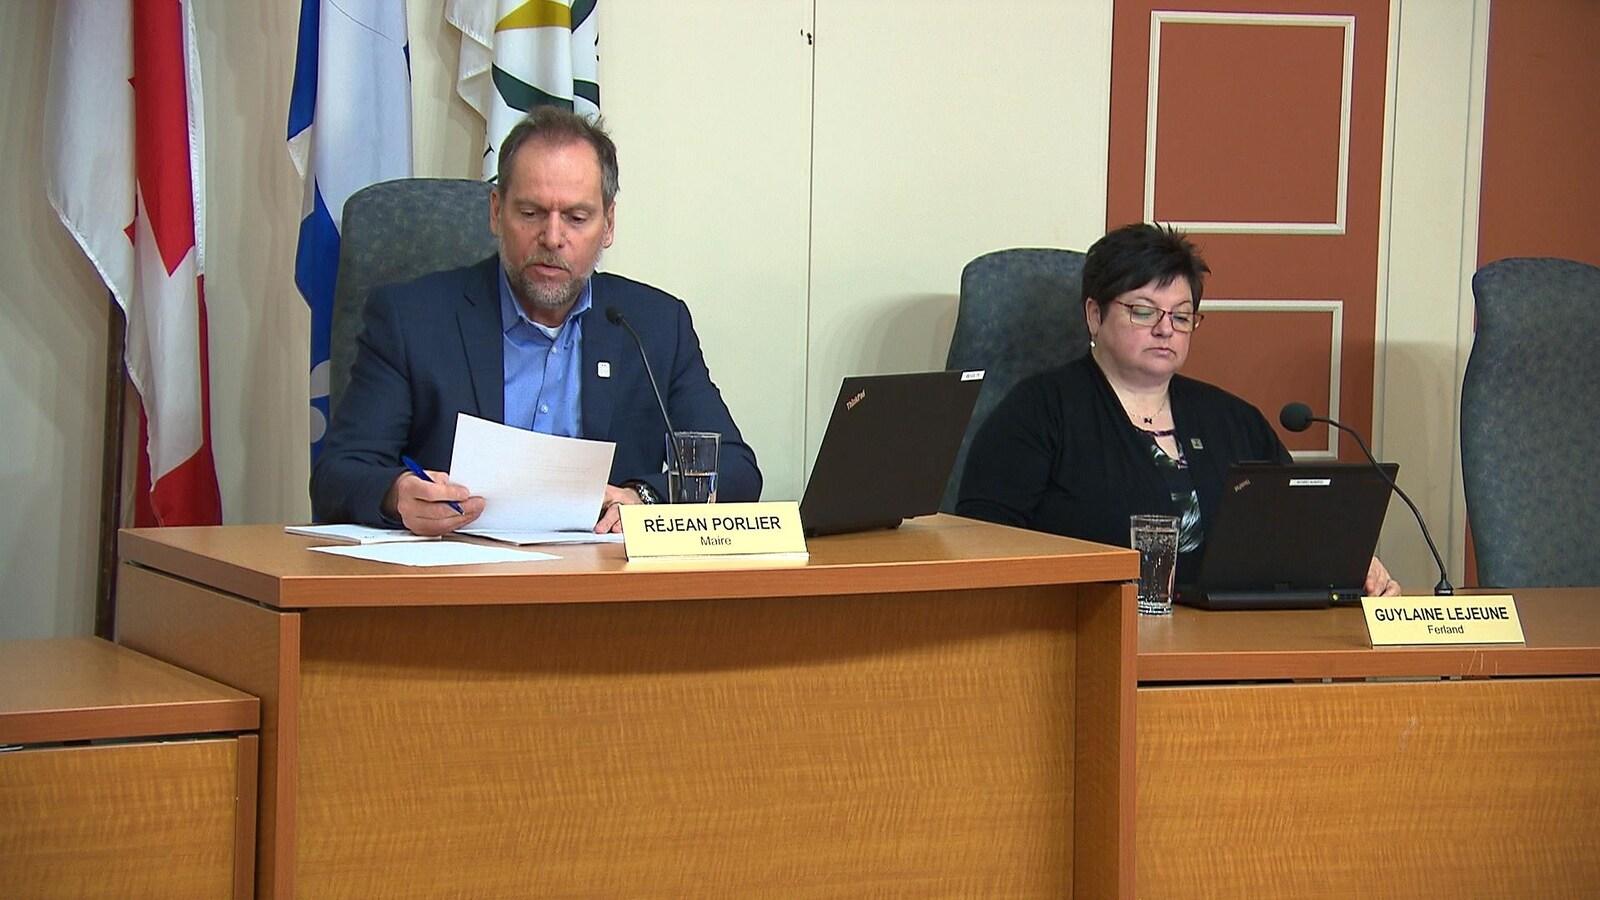 Le maire de Sept-Îles, Réjean Porlier, et la conseillère du district de Ferland, Guylaine Lejeune, au conseil municipal